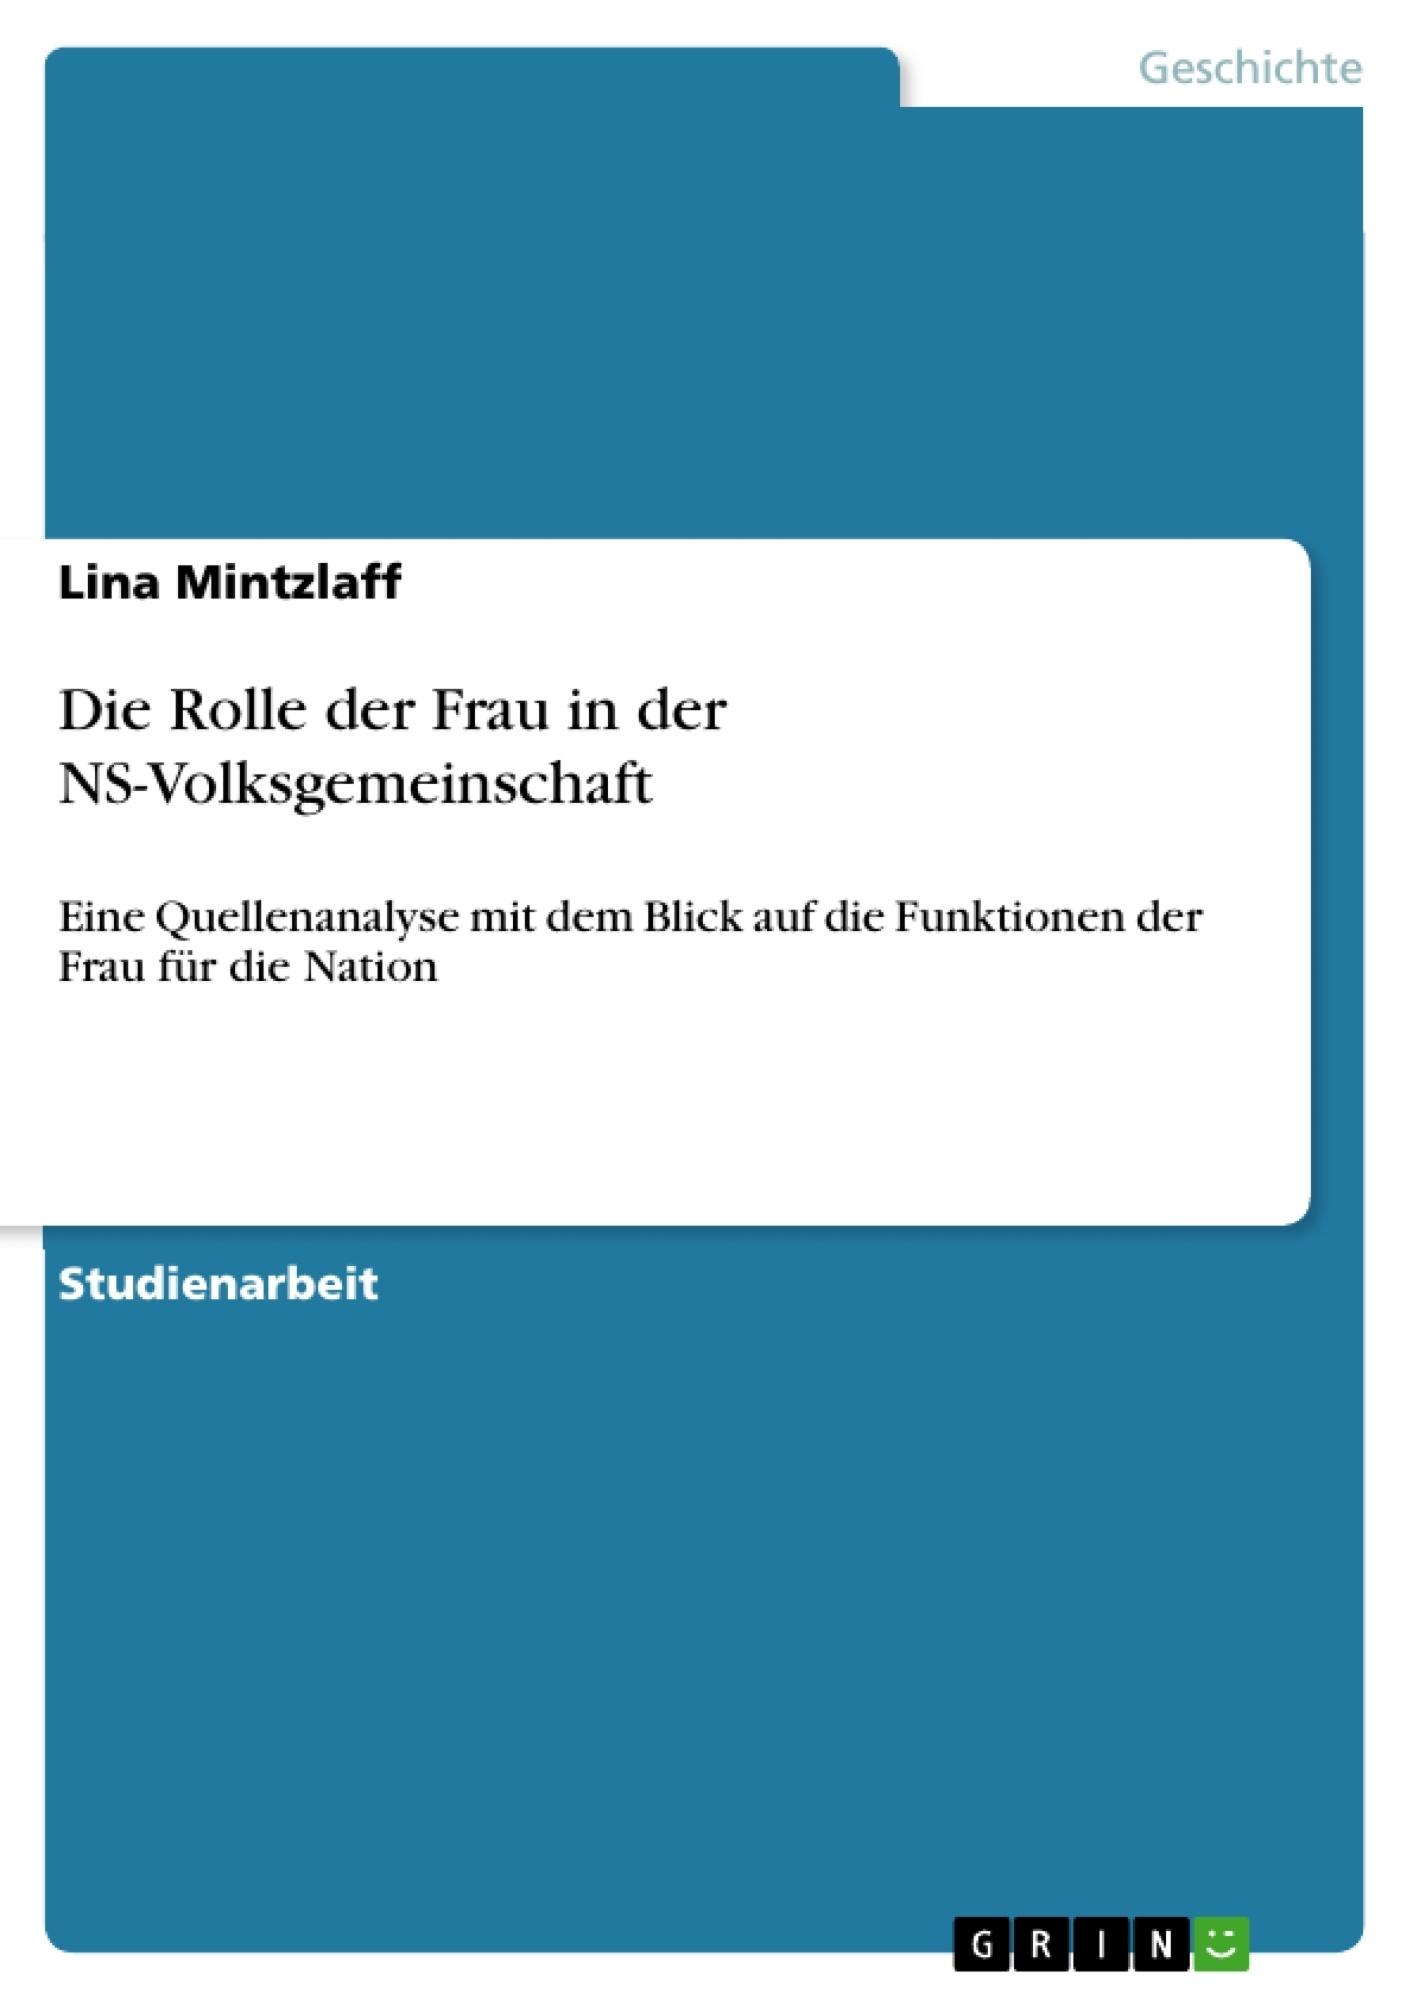 Titel: Die Rolle der Frau in der NS-Volksgemeinschaft